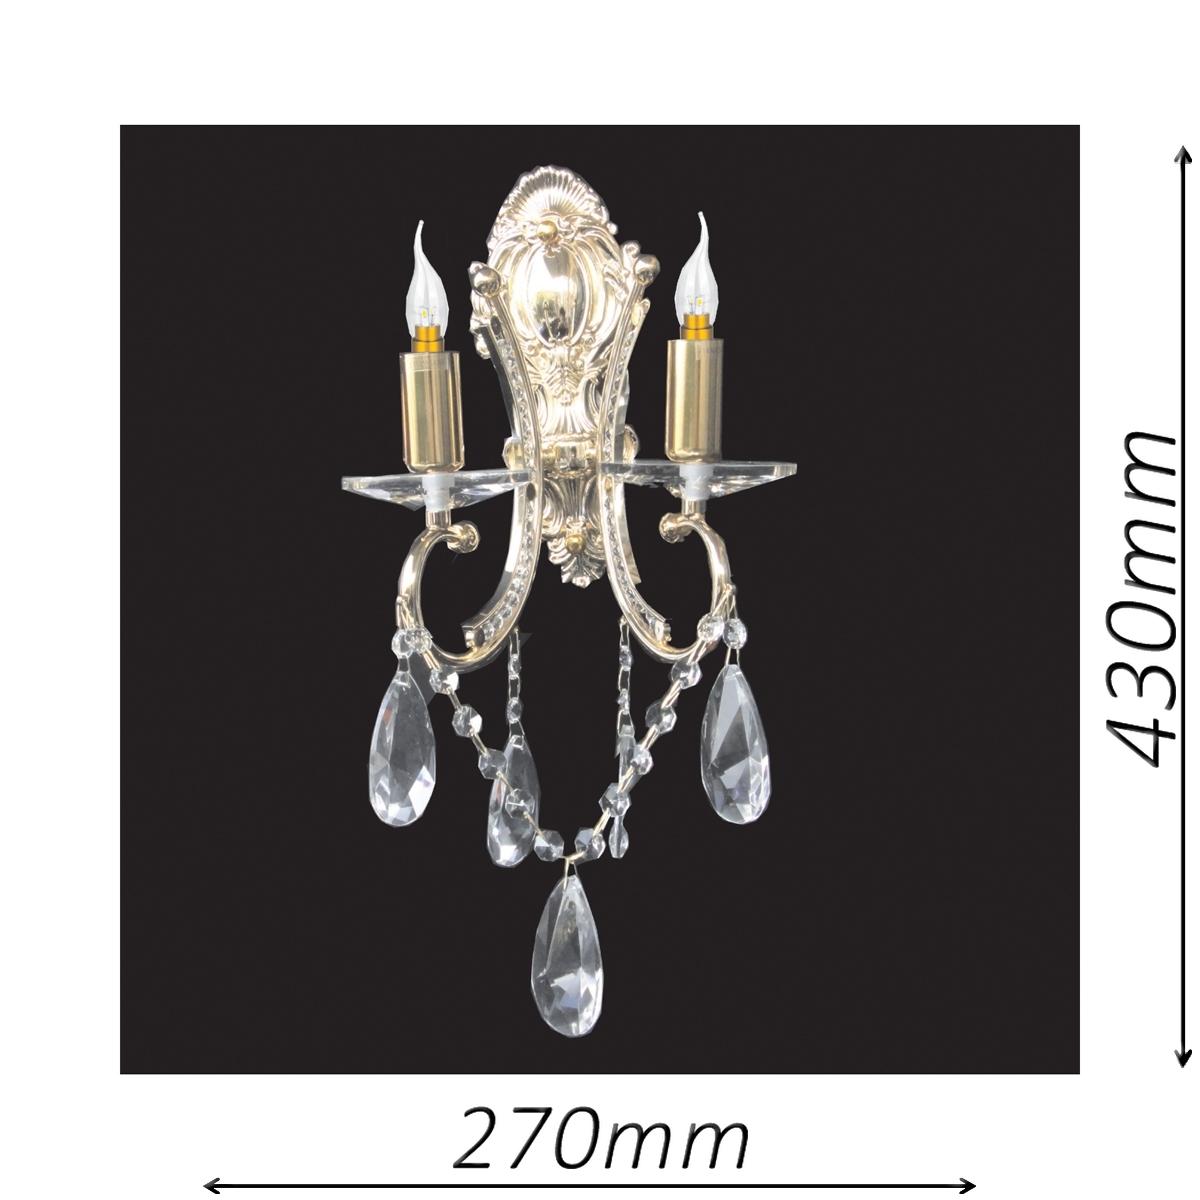 Buckingham 270 Gold Wall Light - CRWBUC02270GD